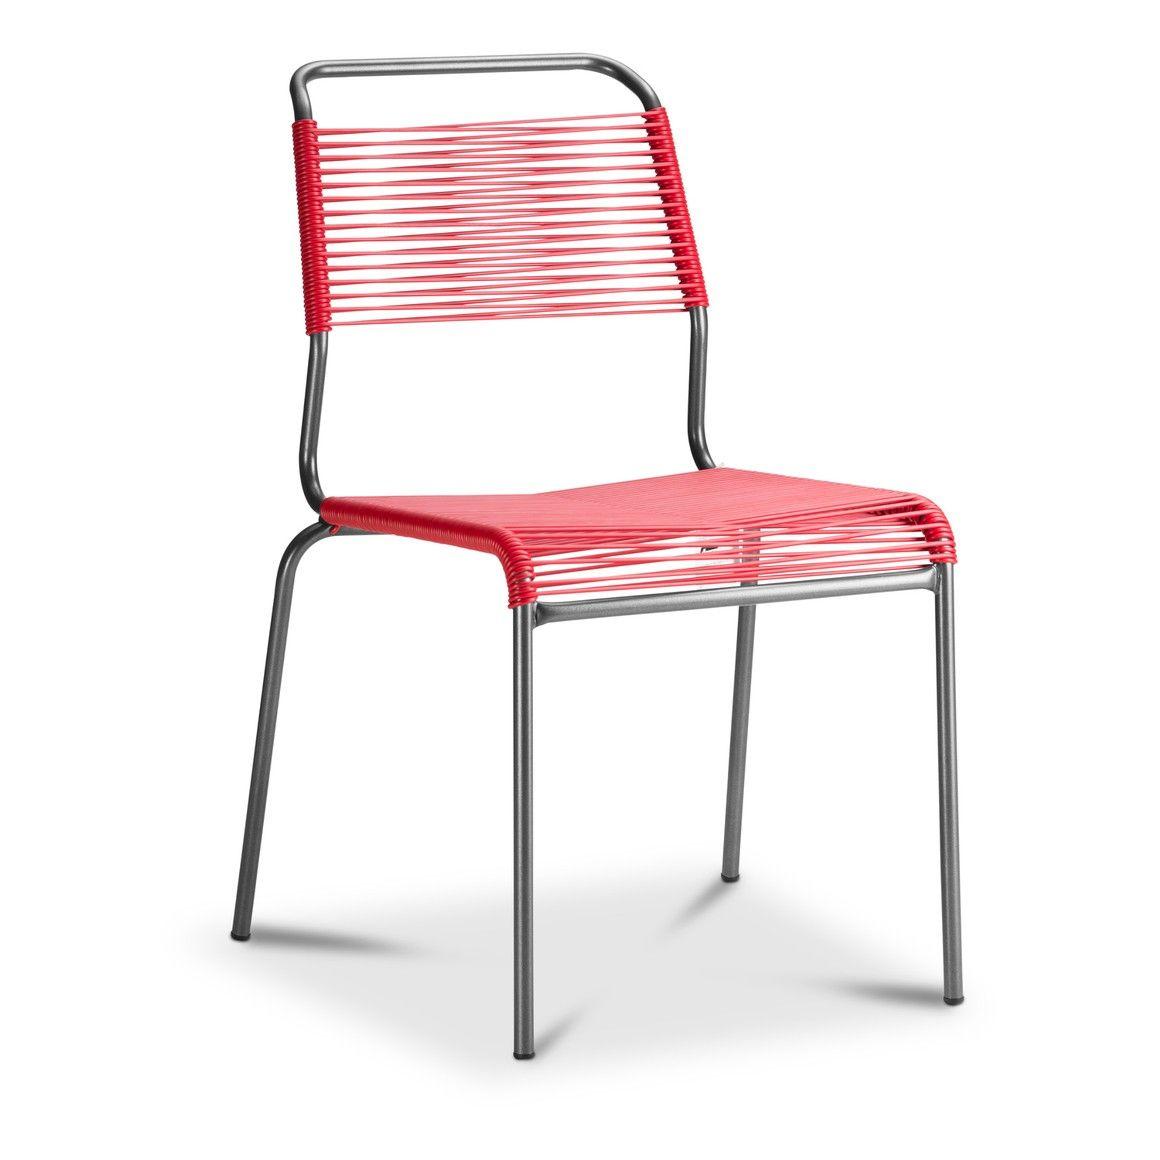 Cevio Spaghettistuhl Gartenstuhle Online Mobel Stuhle